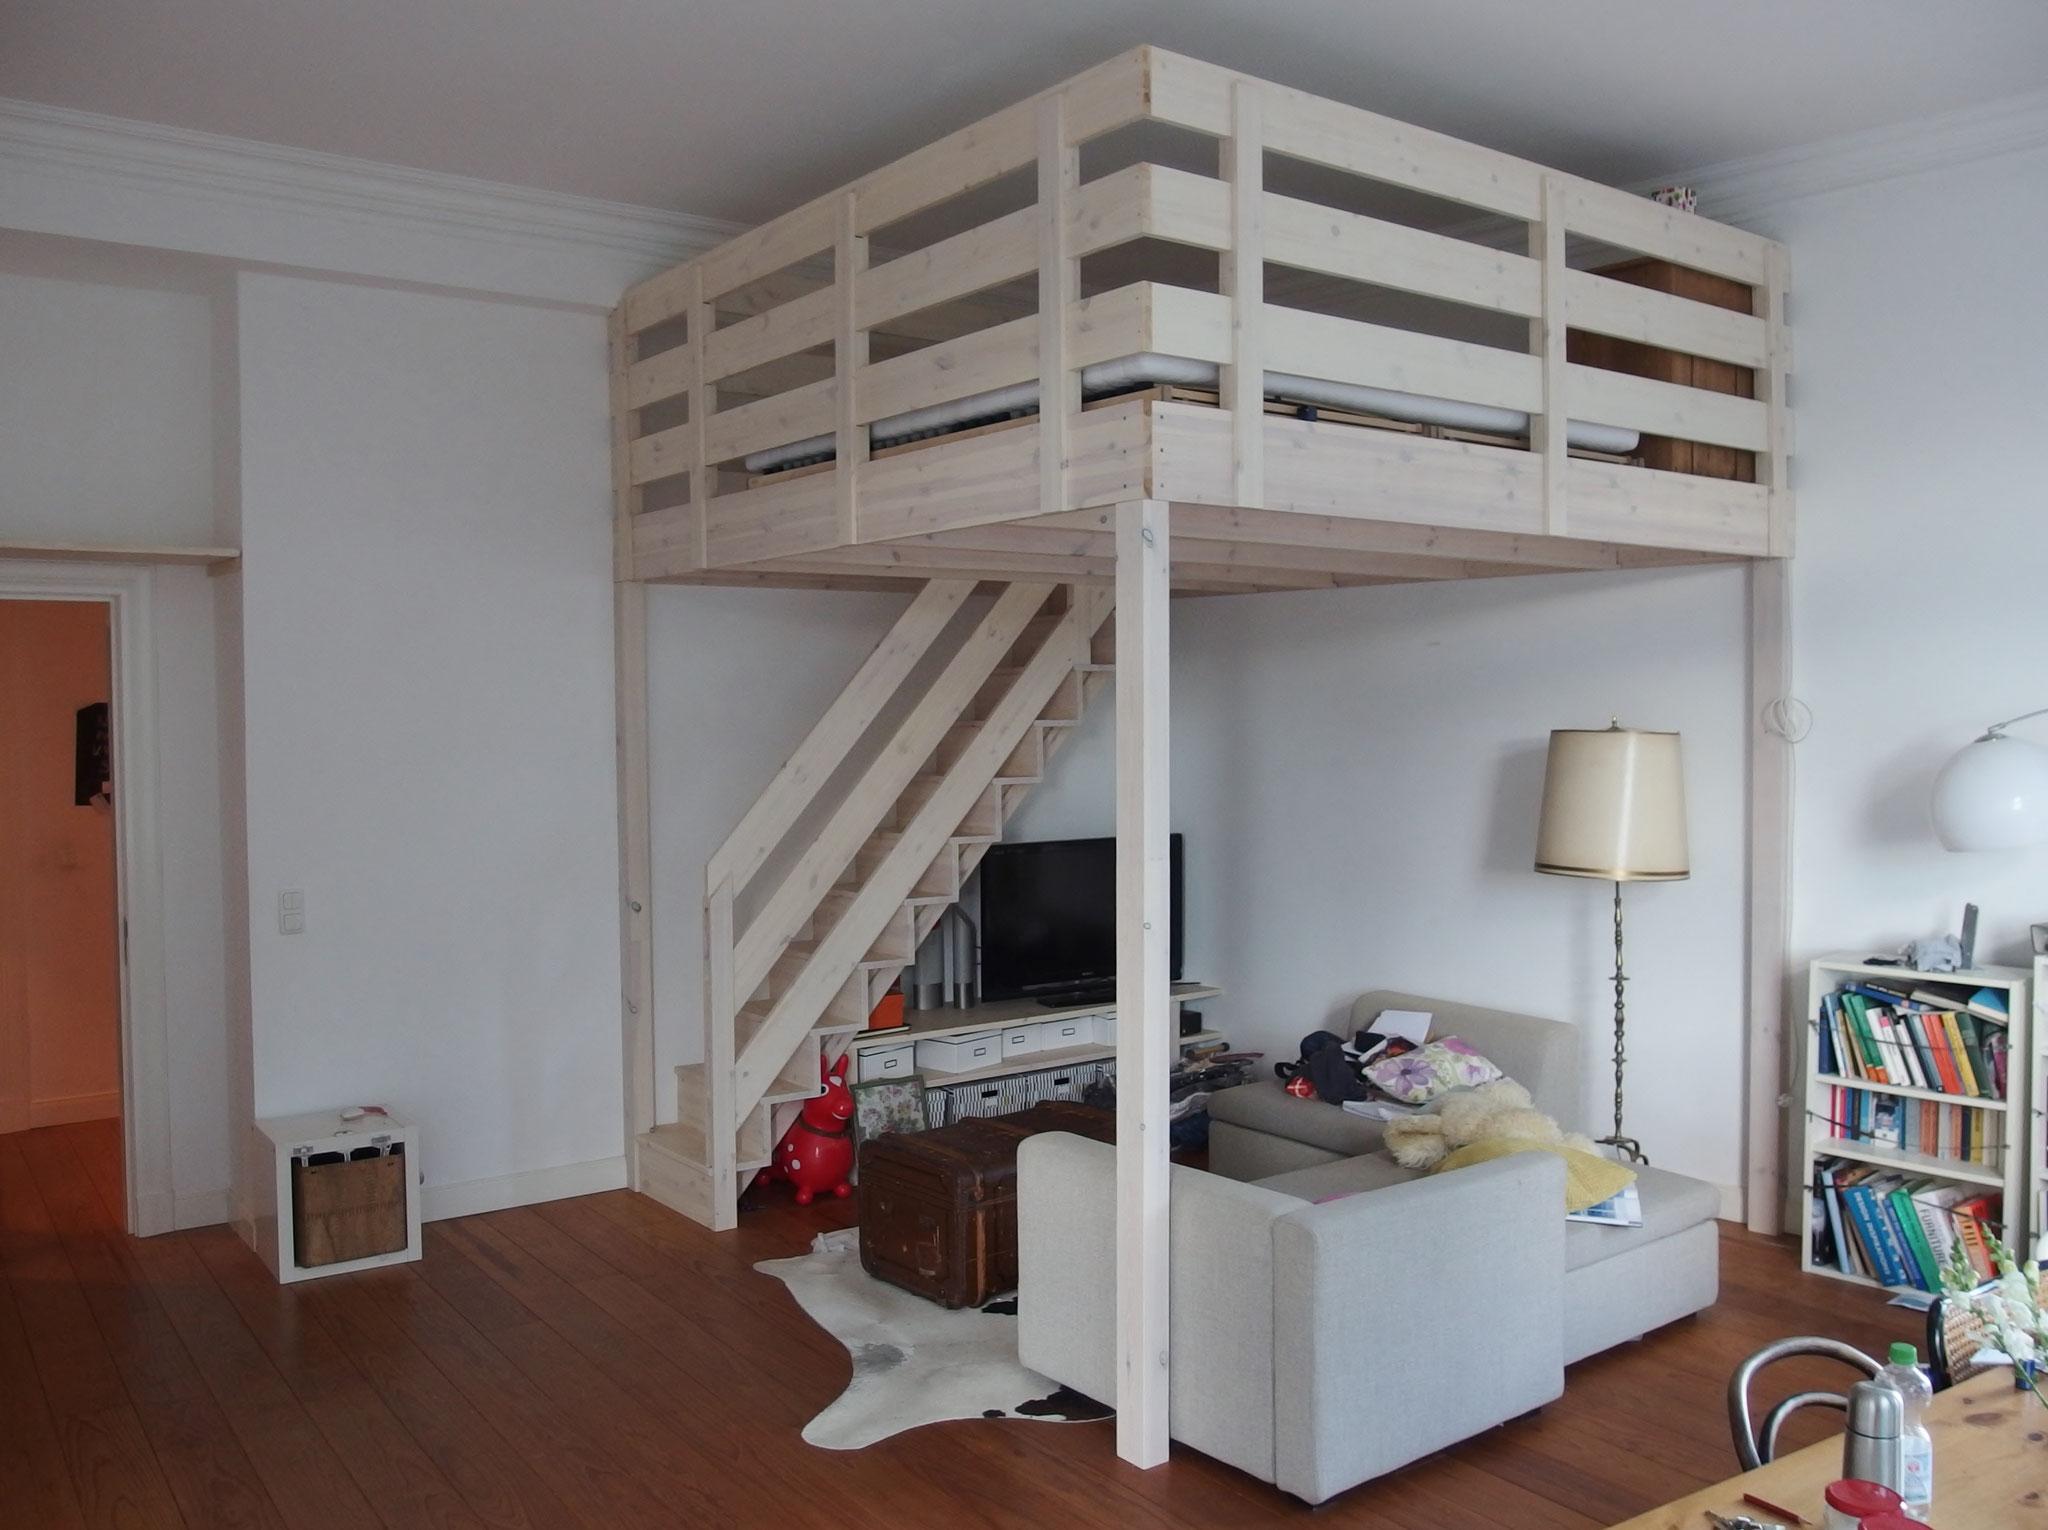 Hochbett mit Treppe, Geländern und Einbauten